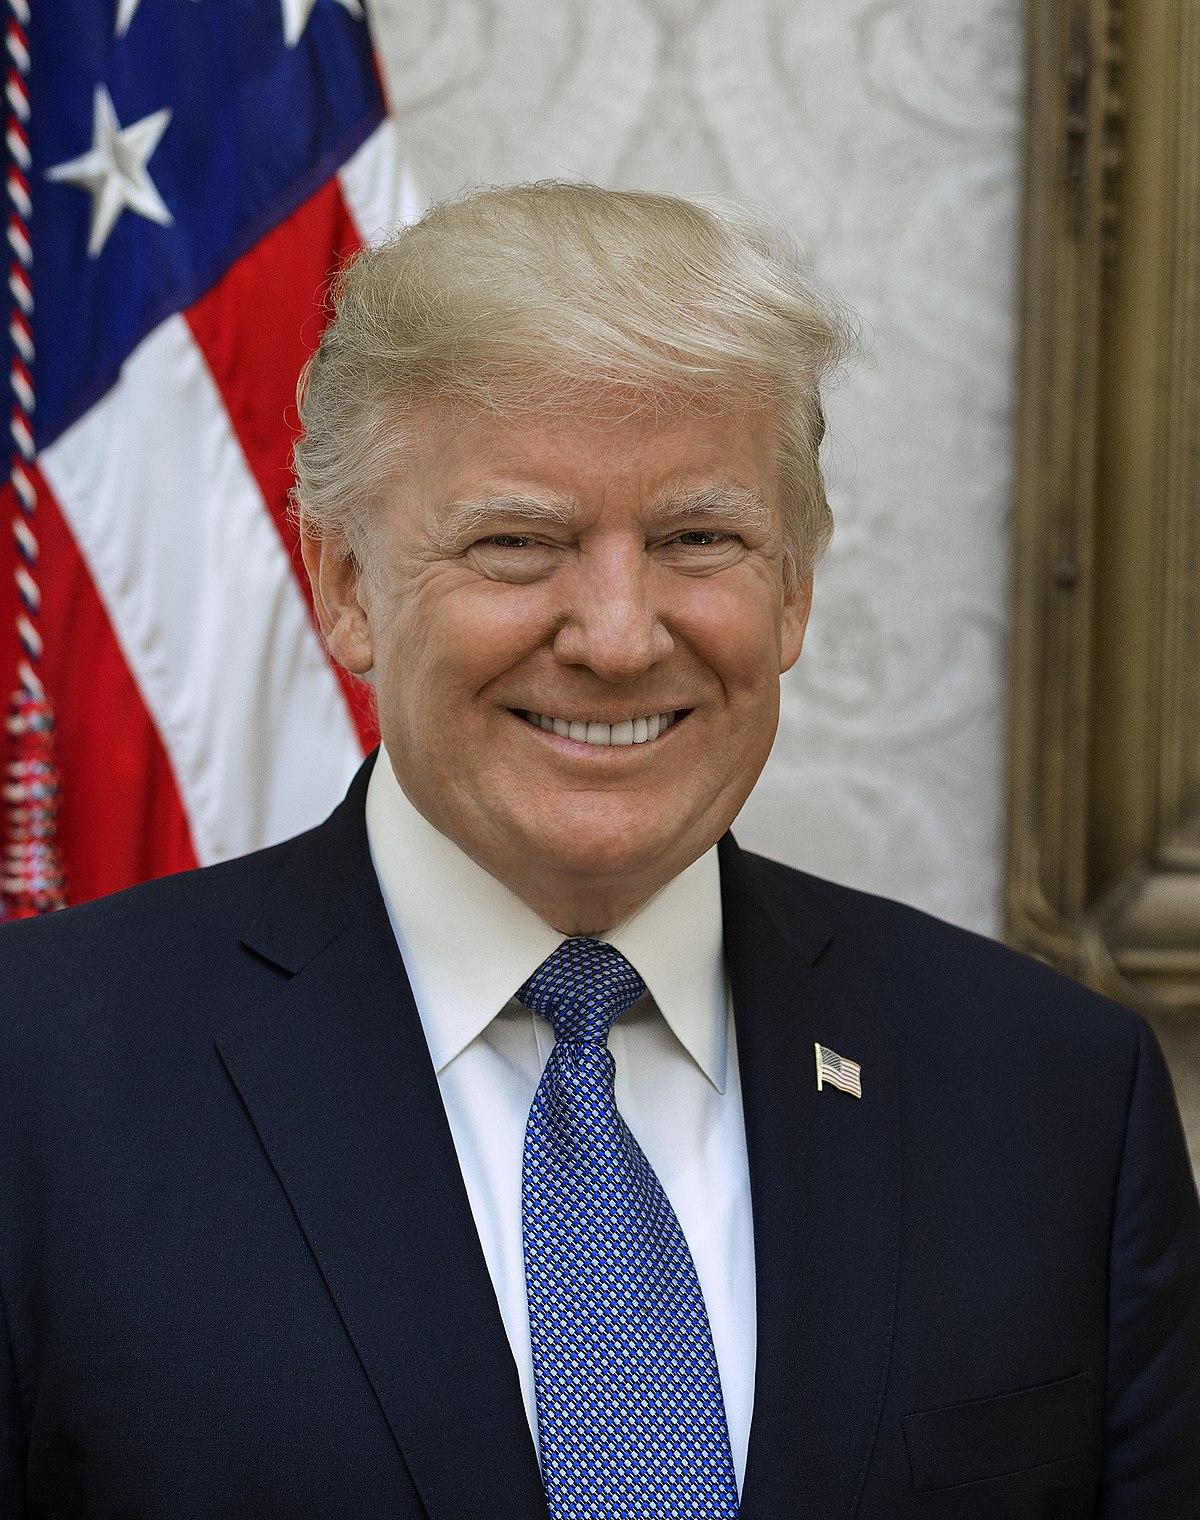 1200px-Donald_Trump_official_portrait